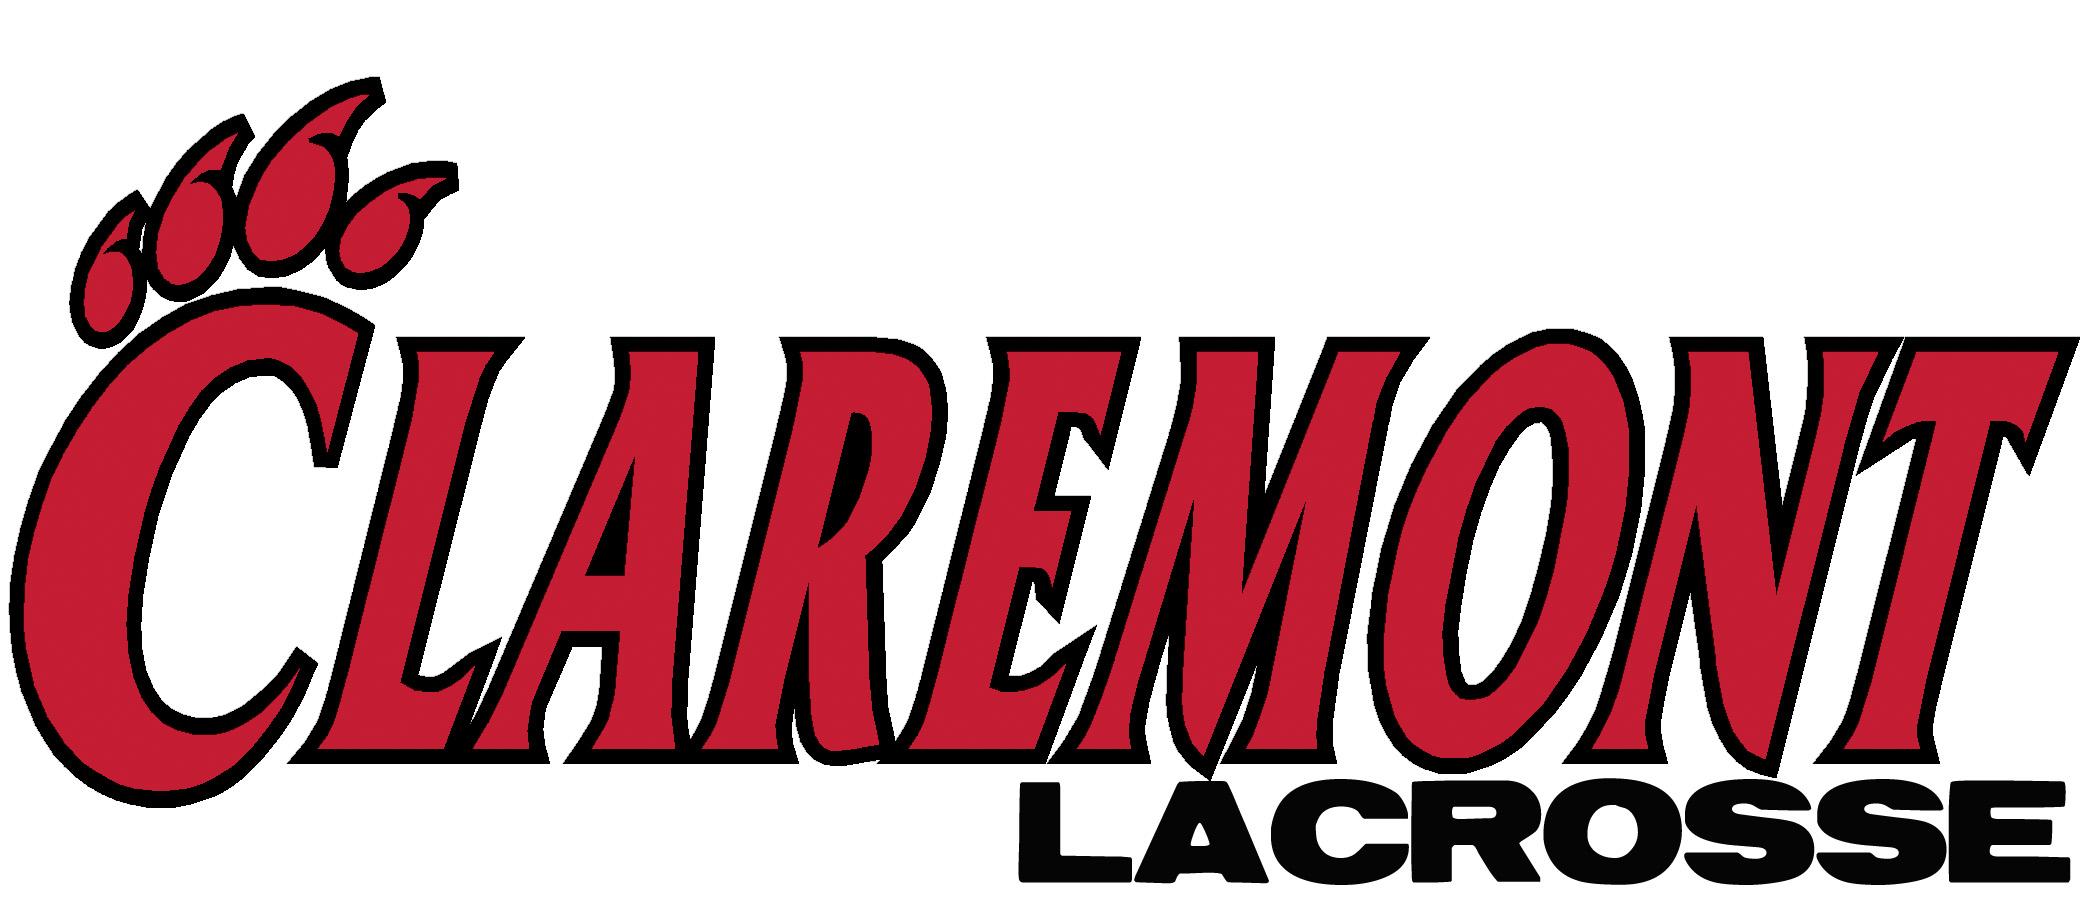 Claremont Lacrosse Logo